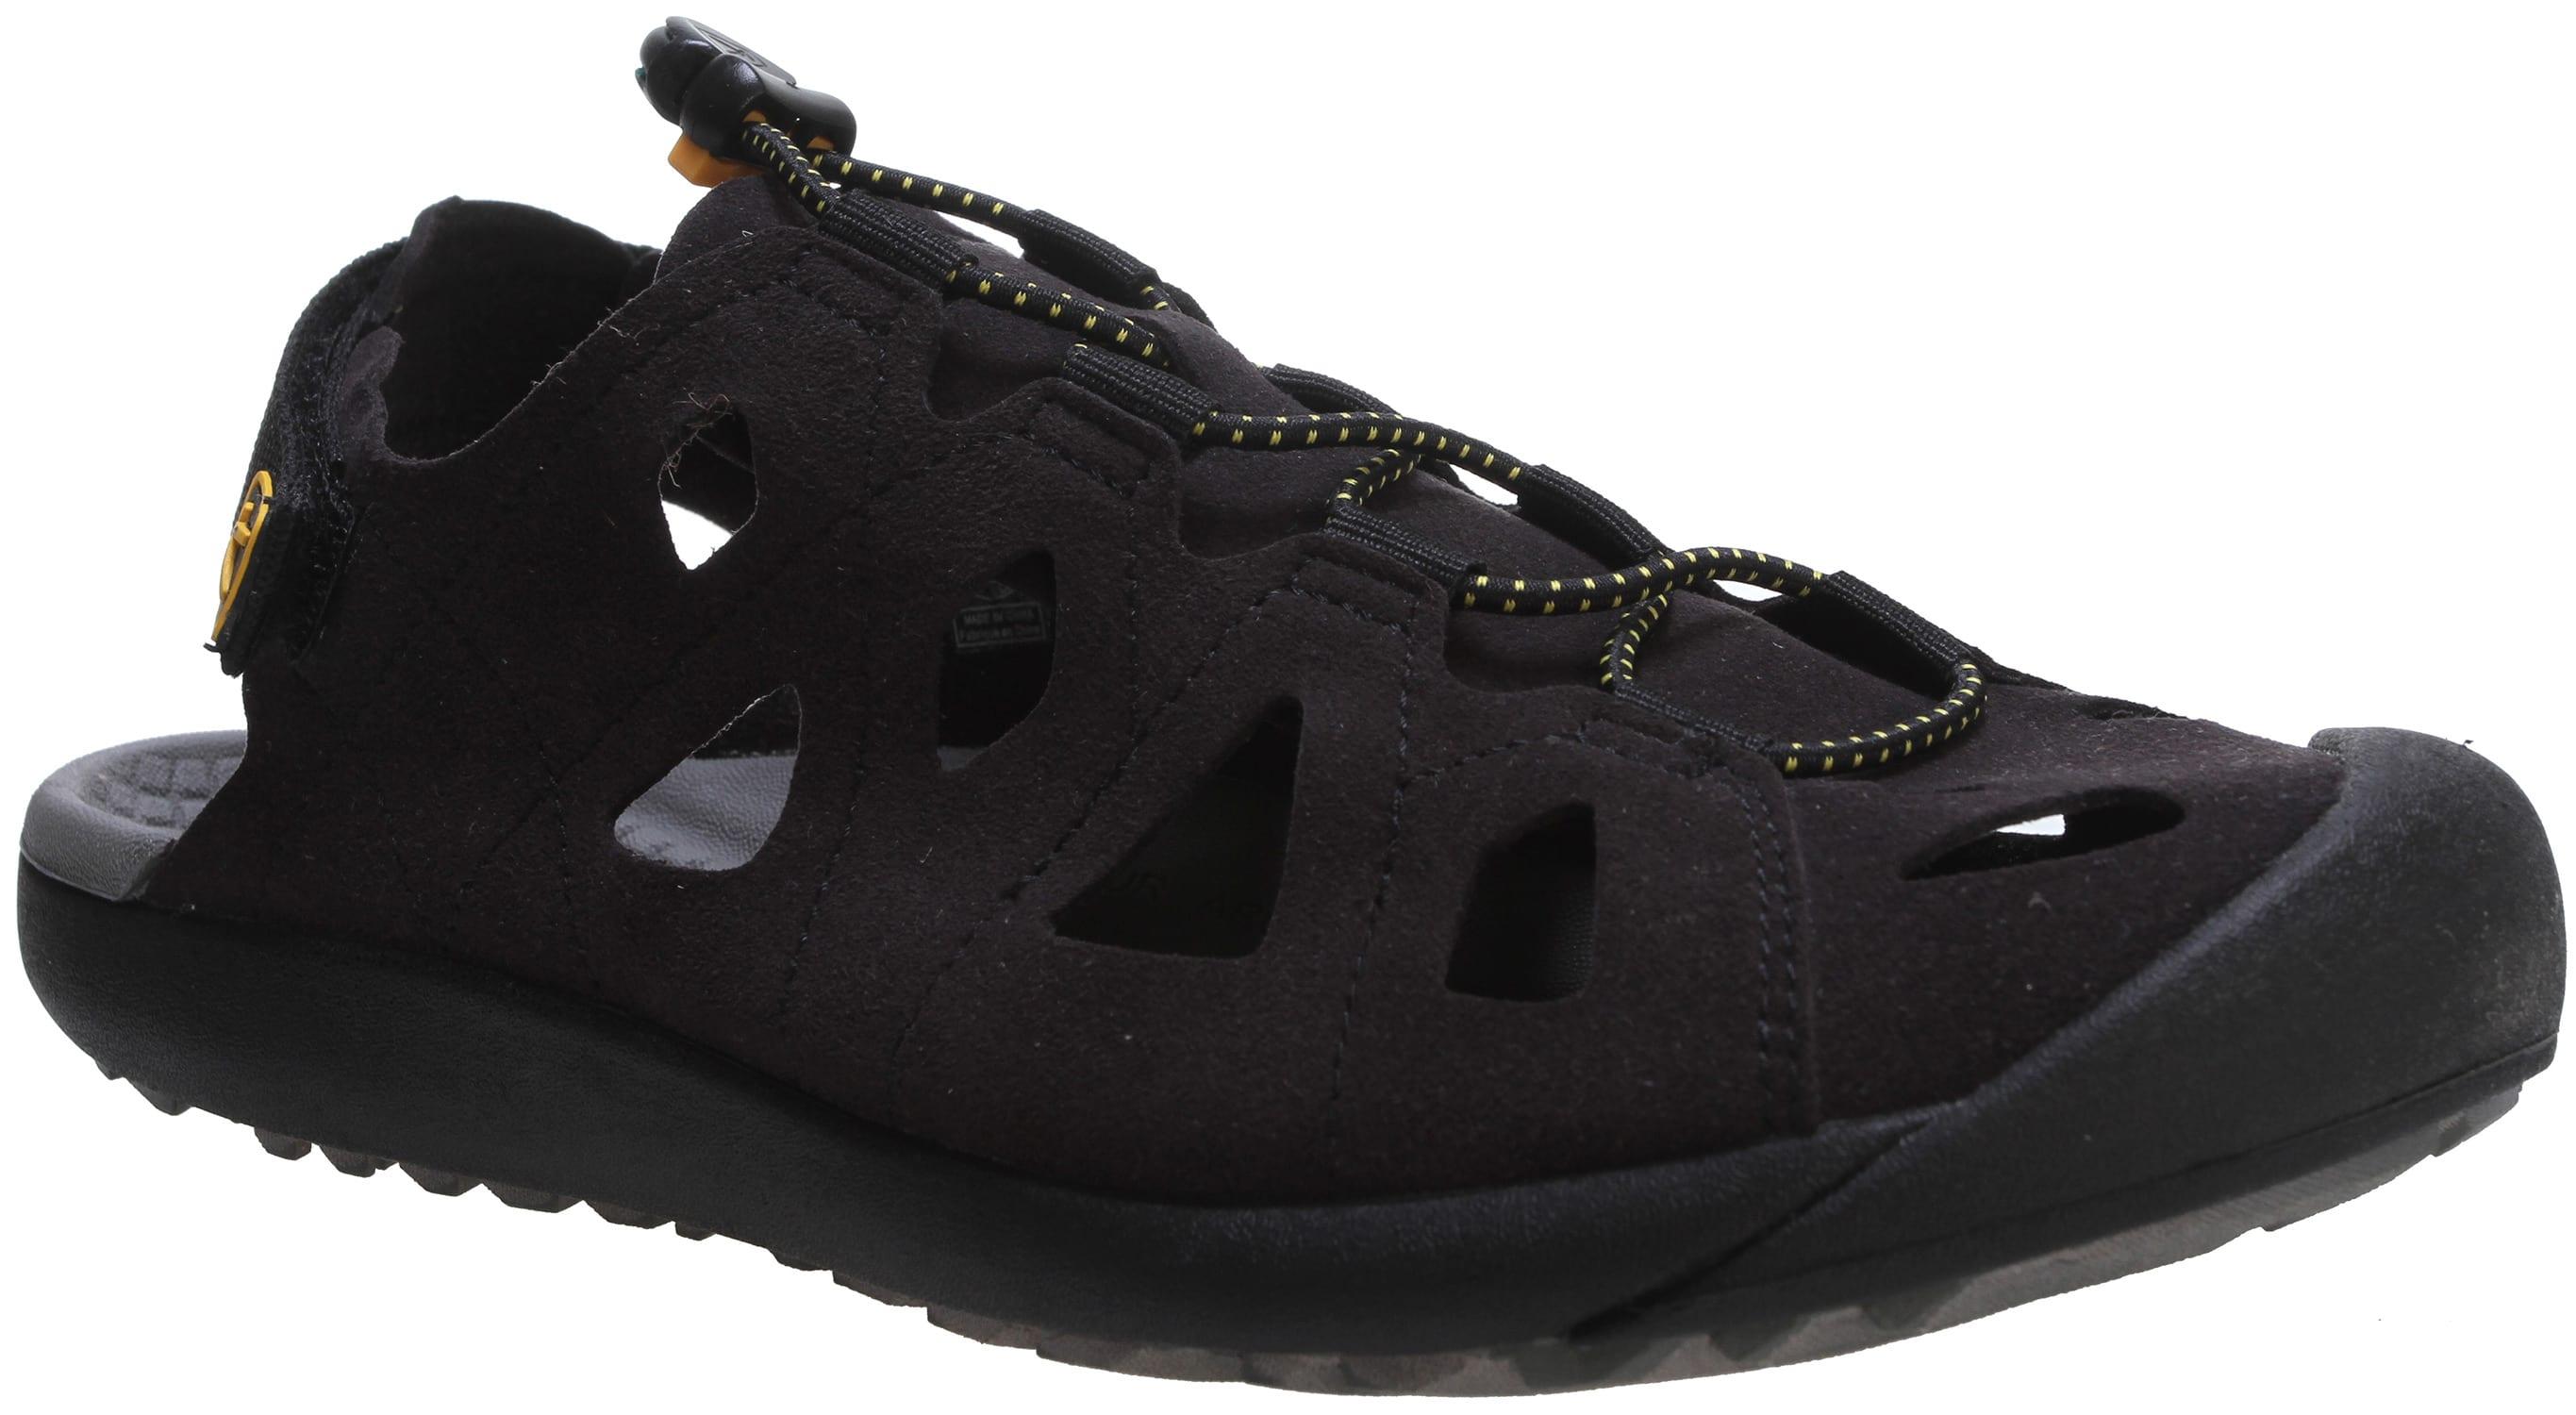 ea5062295235 Keen Class 5 Water Sandals - thumbnail 2